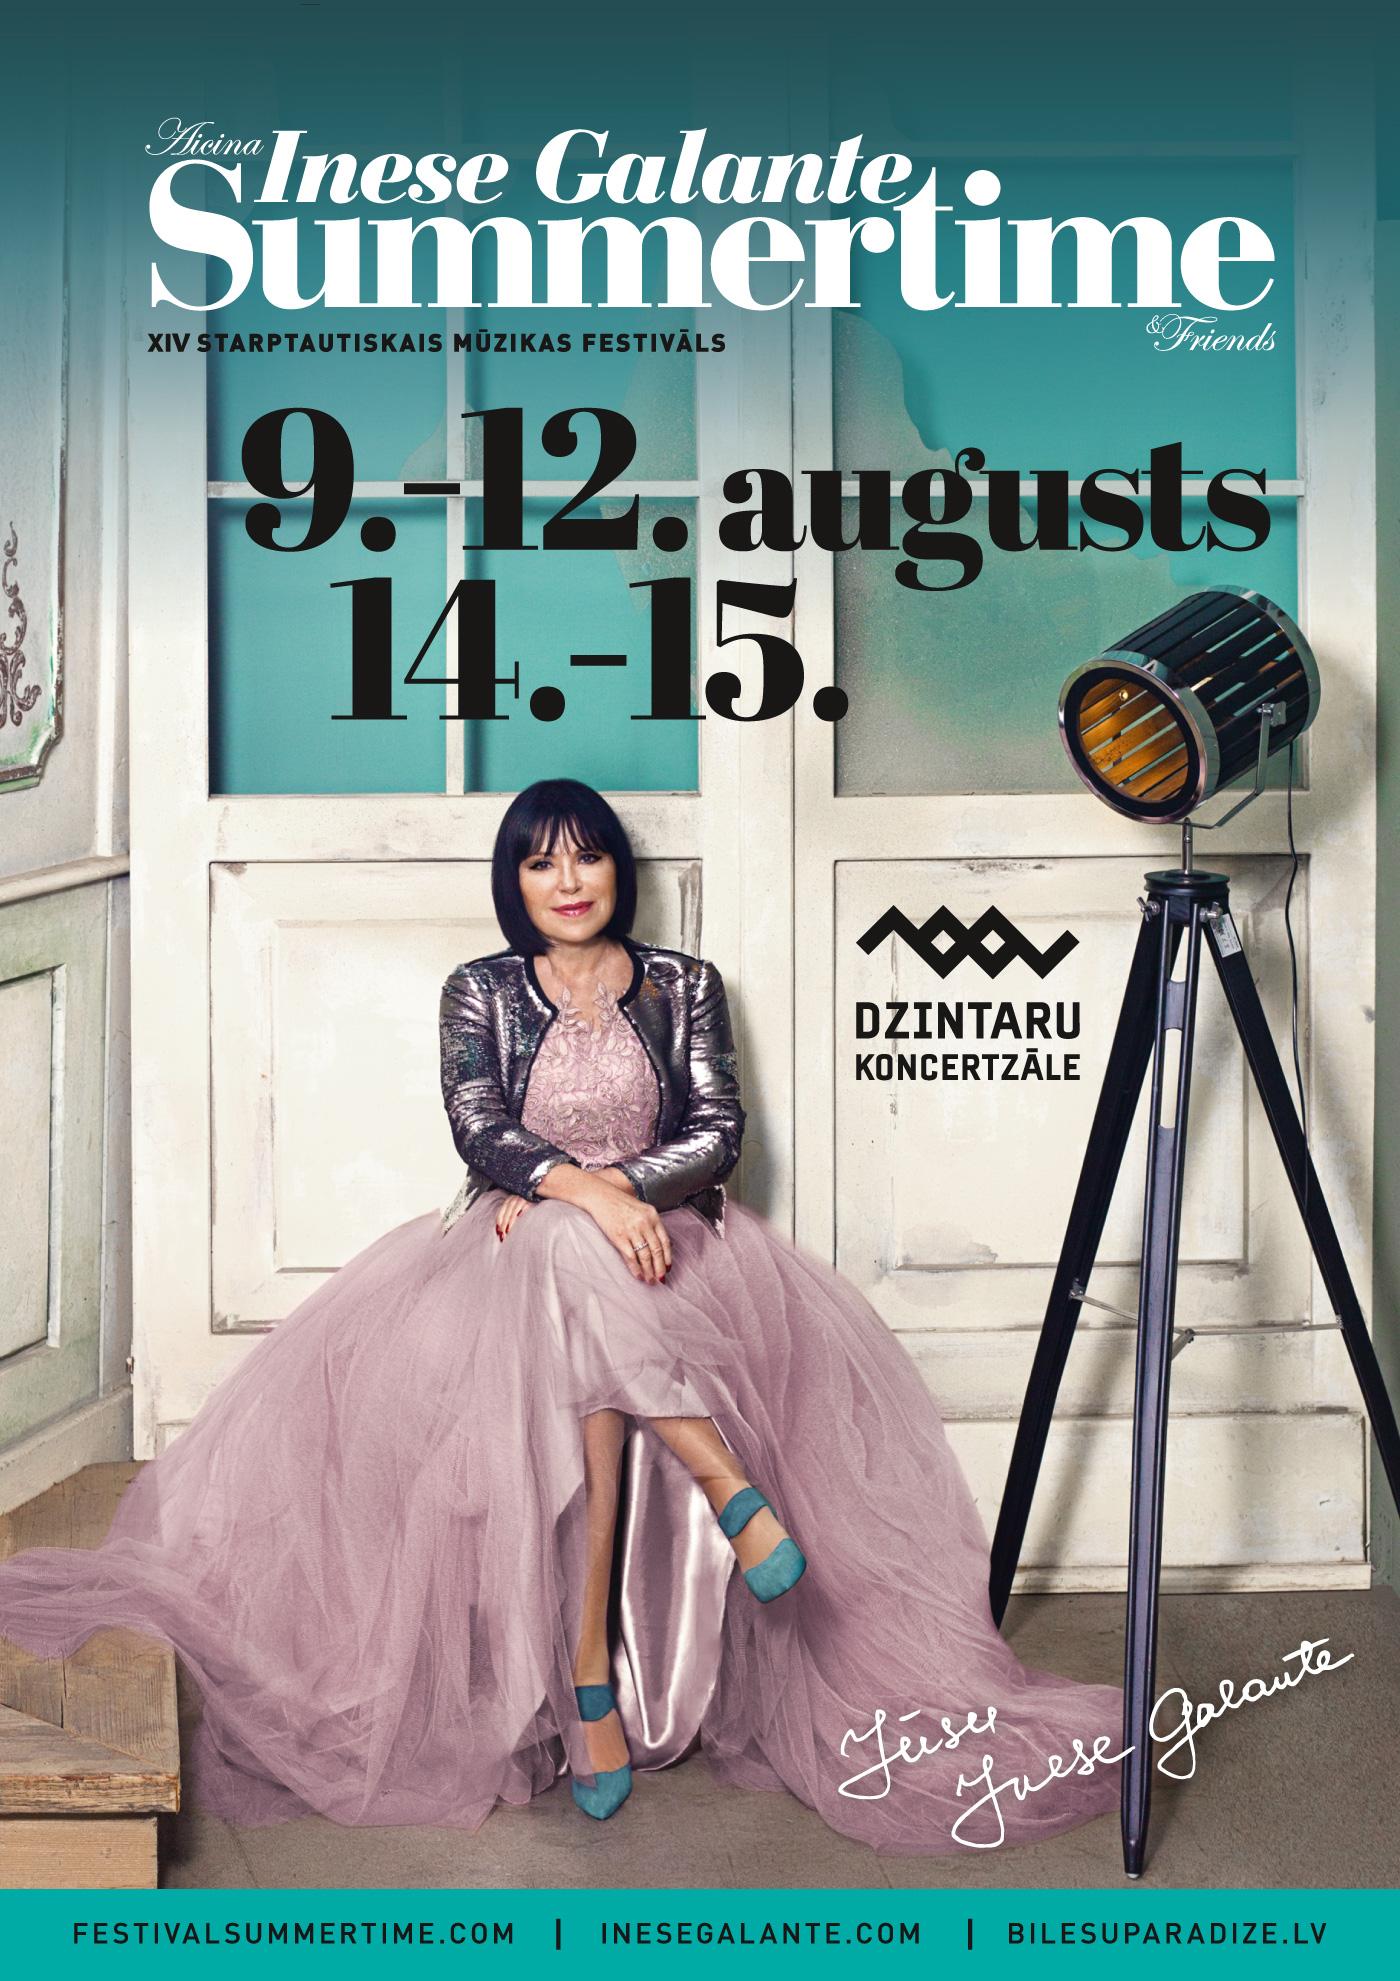 Summertime 2019 Inese Galante   Jūrmalā mūzikas festivāls